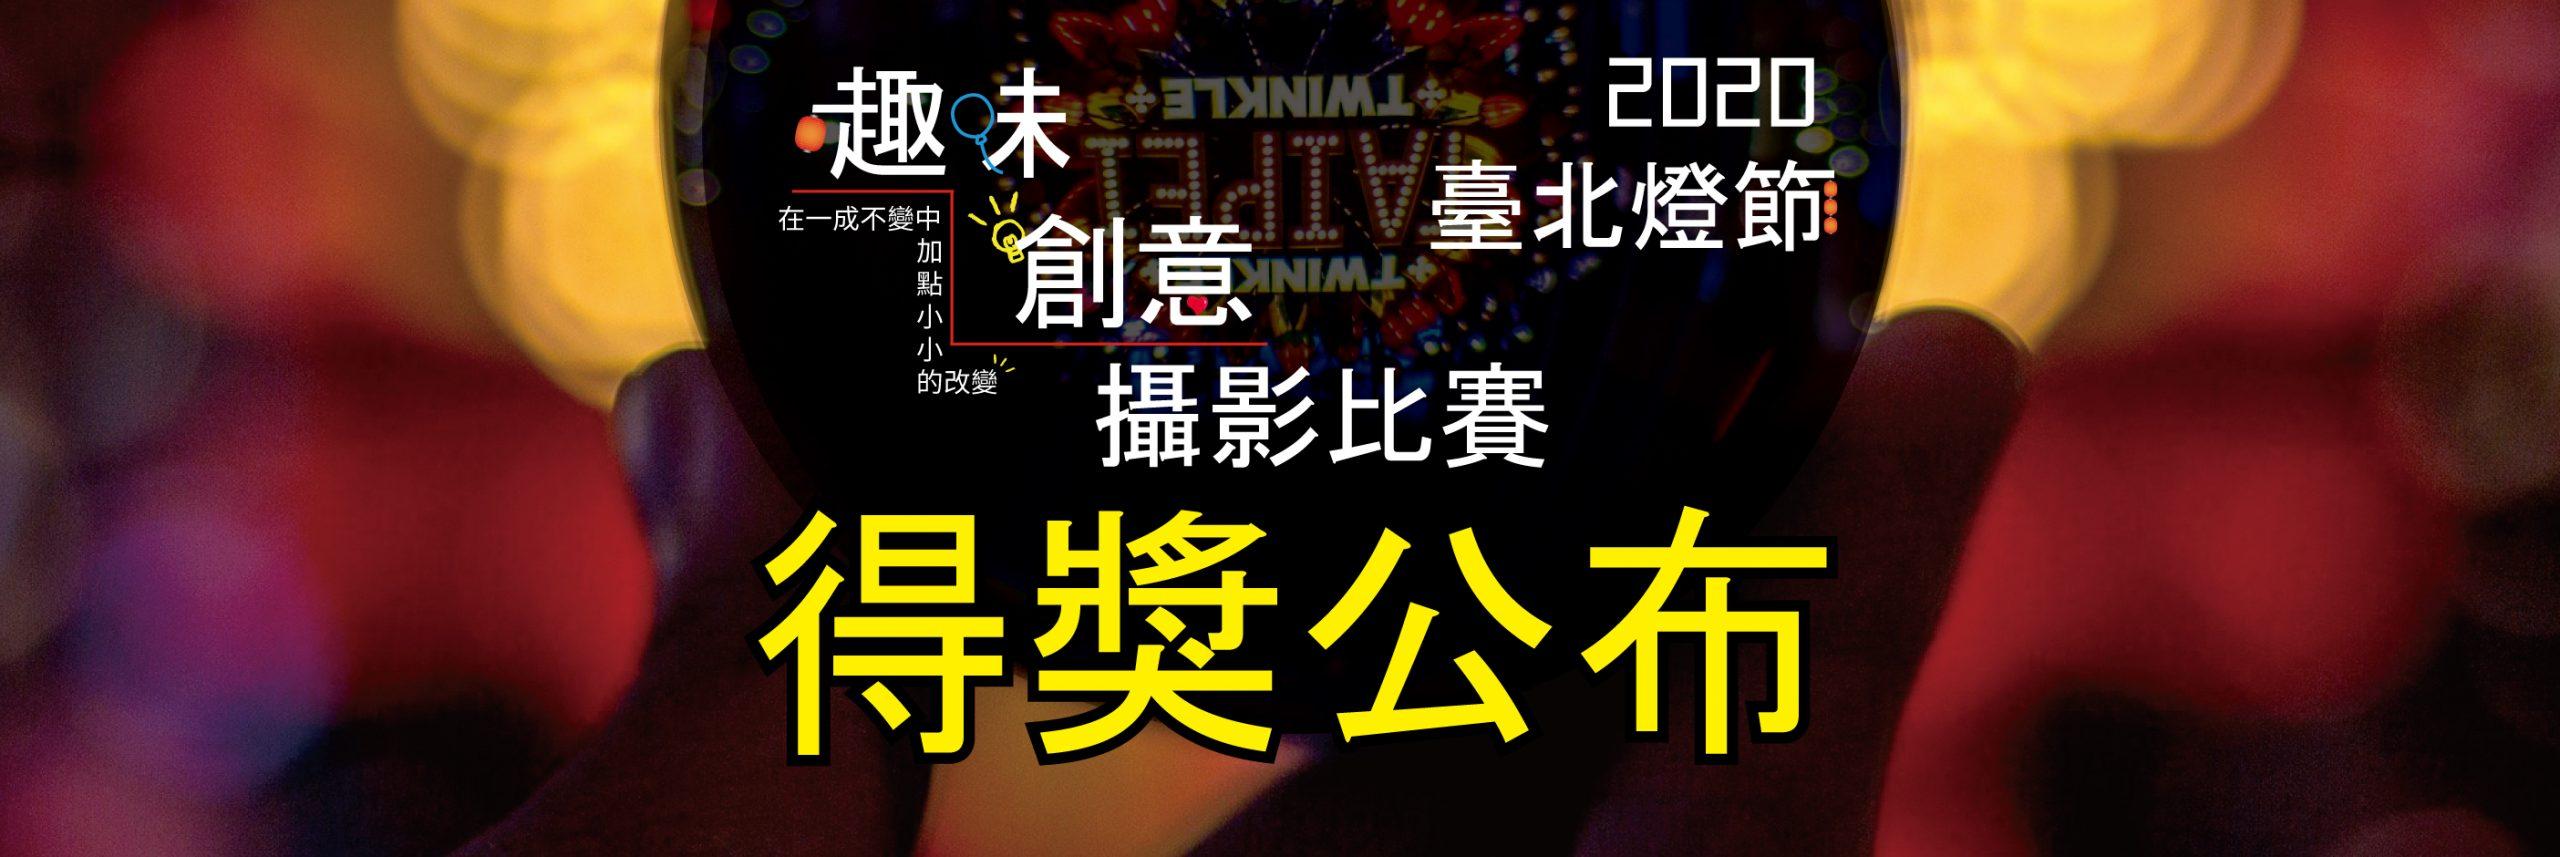 20-燈節攝影比賽-官網封面得獎公布-v1-scaled